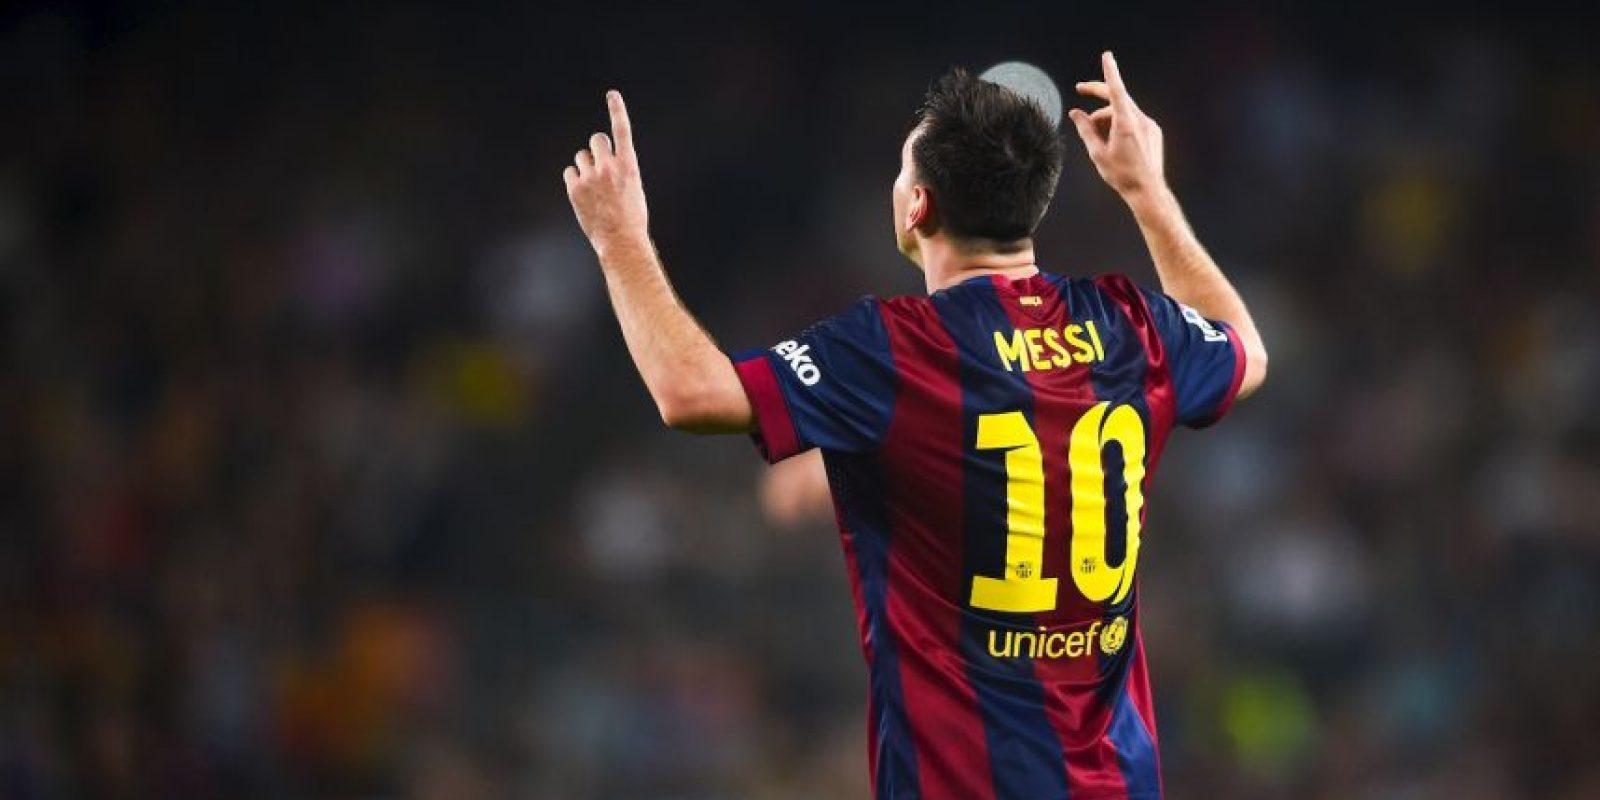 Jugador más joven en conseguir tres veces el Balón de Oro: 24 años, 6 meses y 17 días Foto:Getty Images